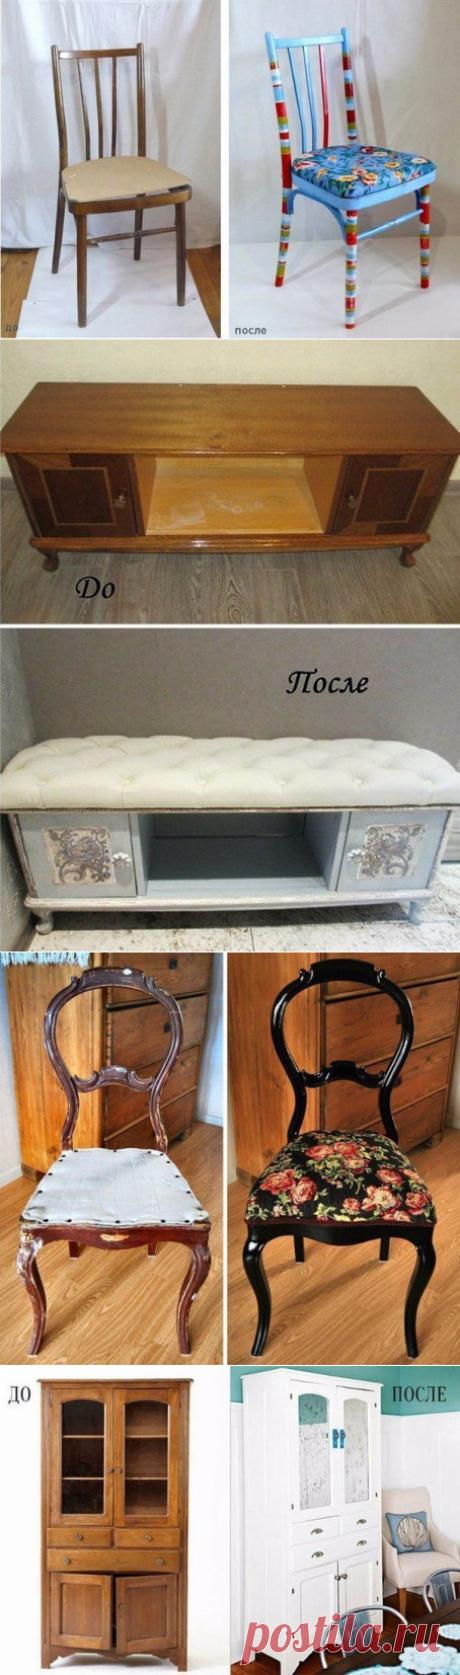 Идеи с реставрацией старой мебели